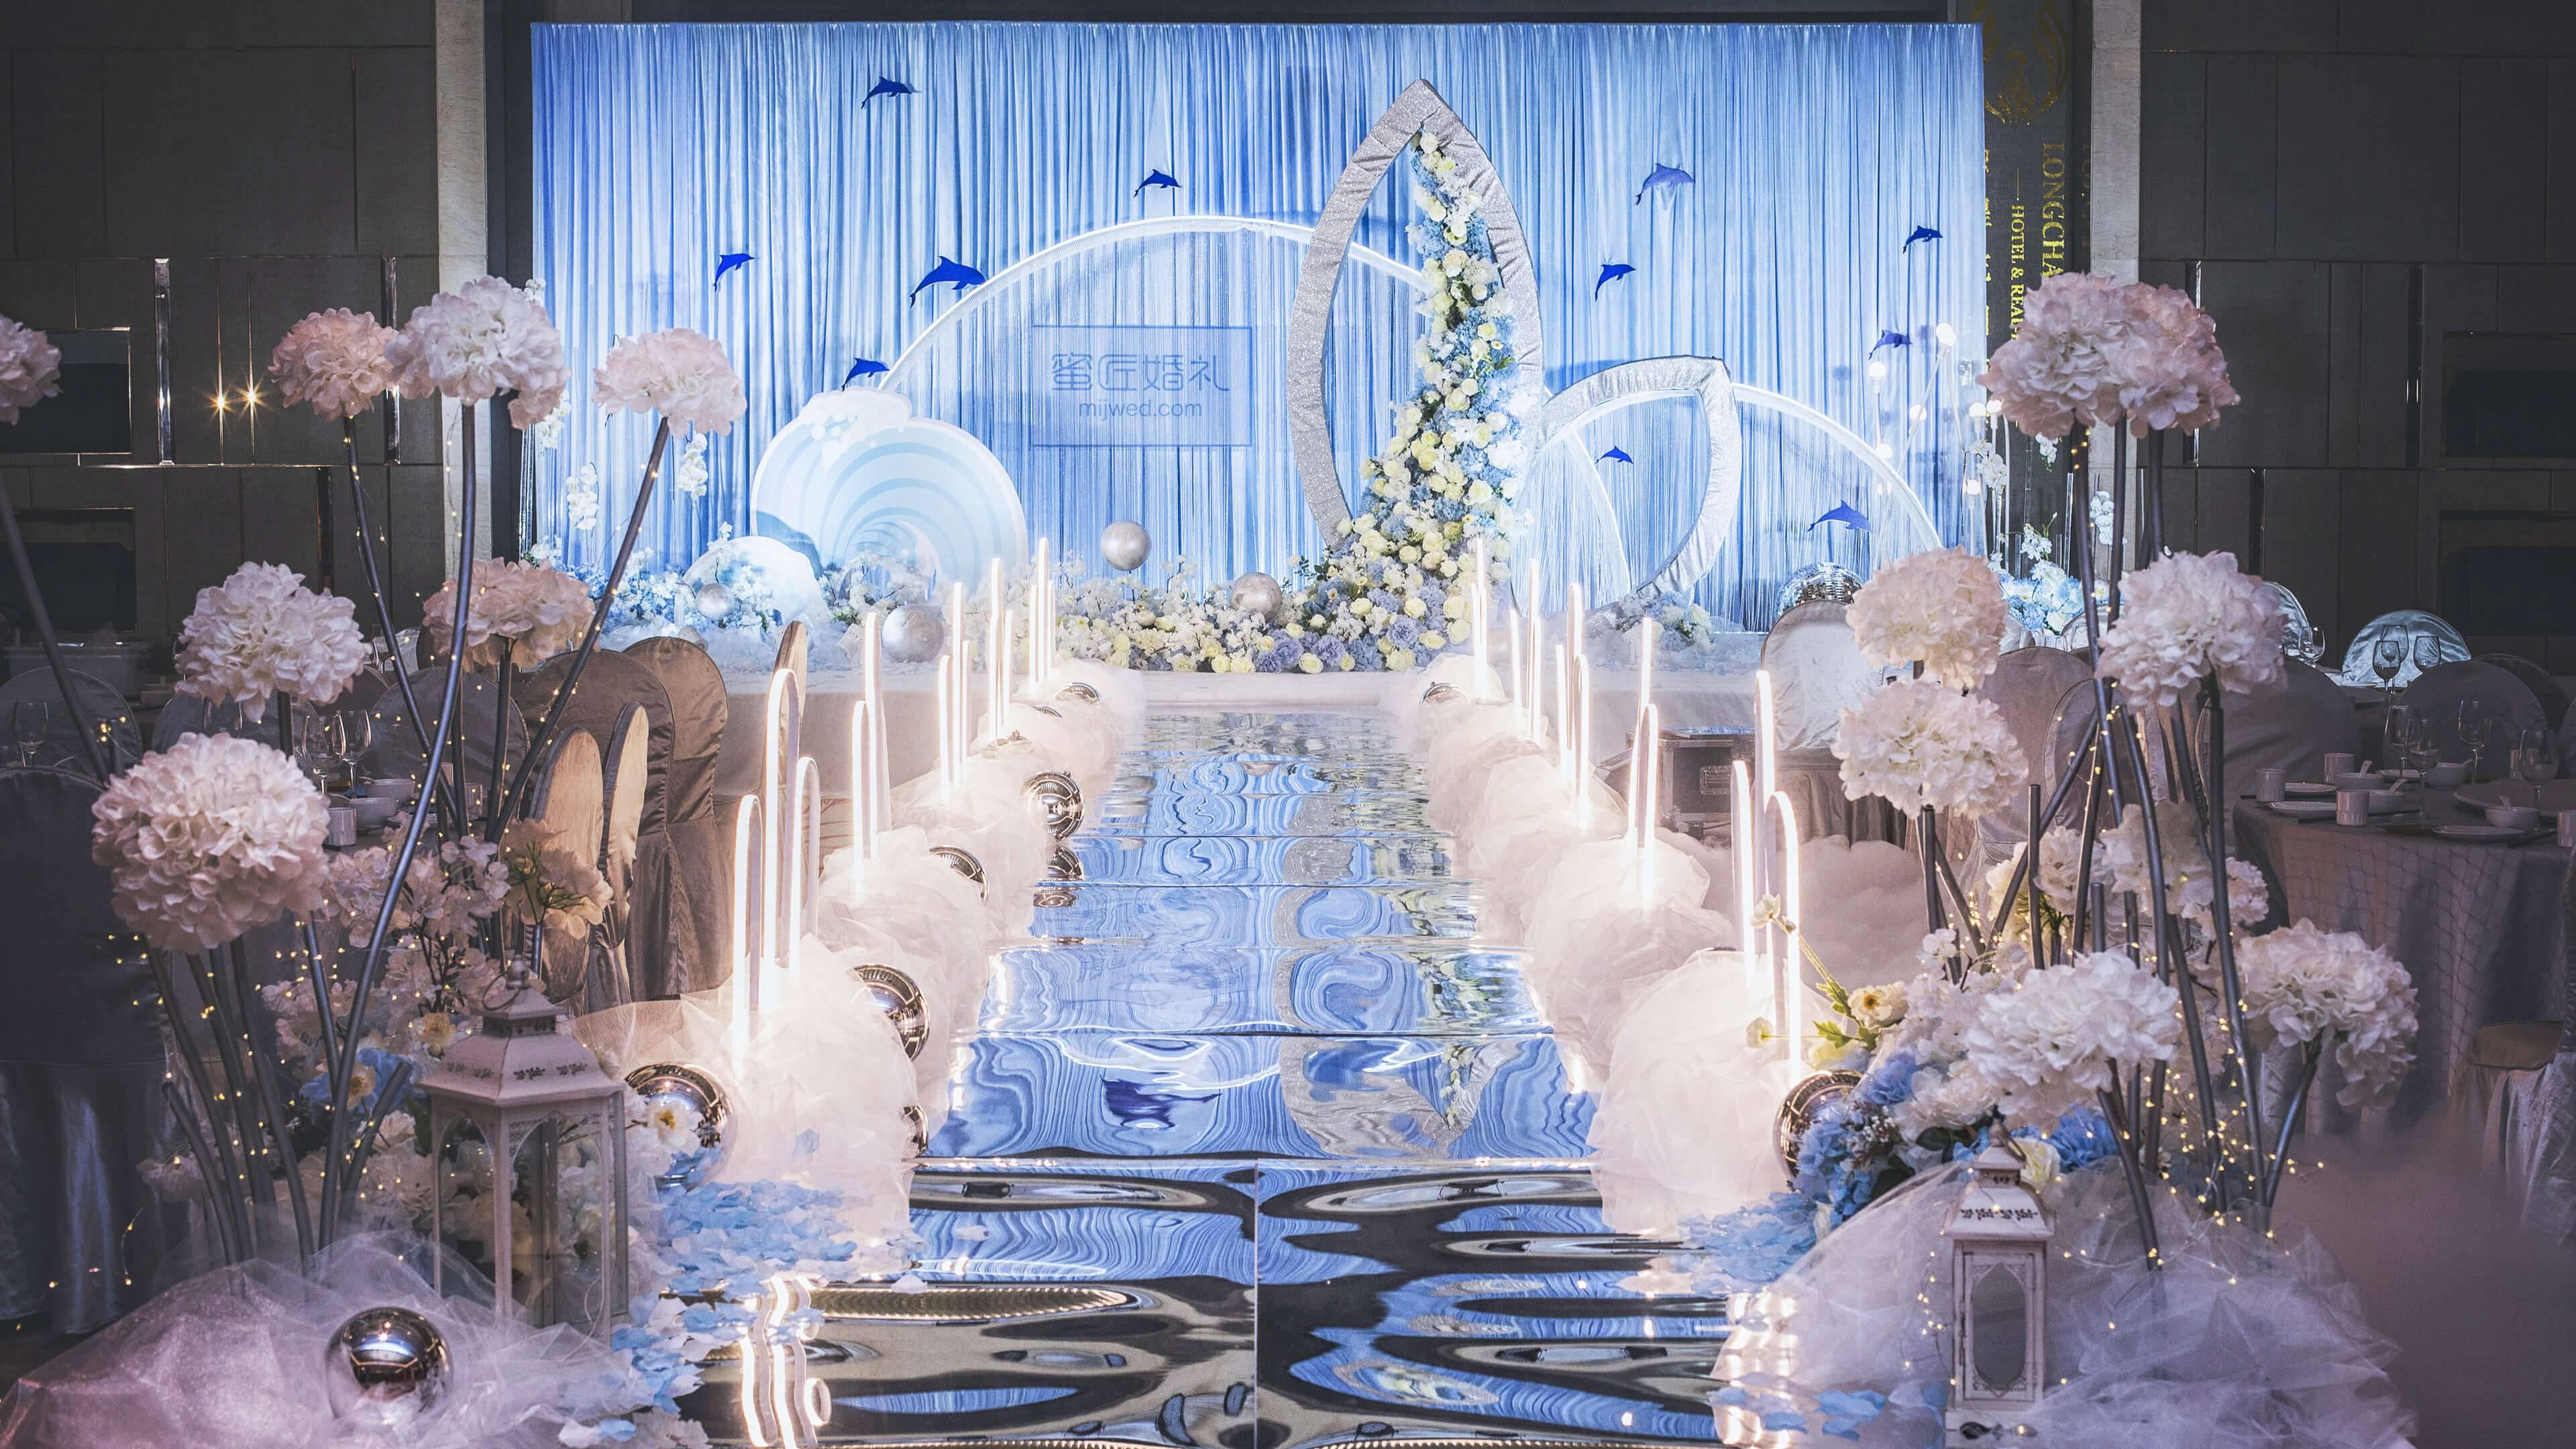 山东各地结婚习俗大盘点 各地婚礼风俗